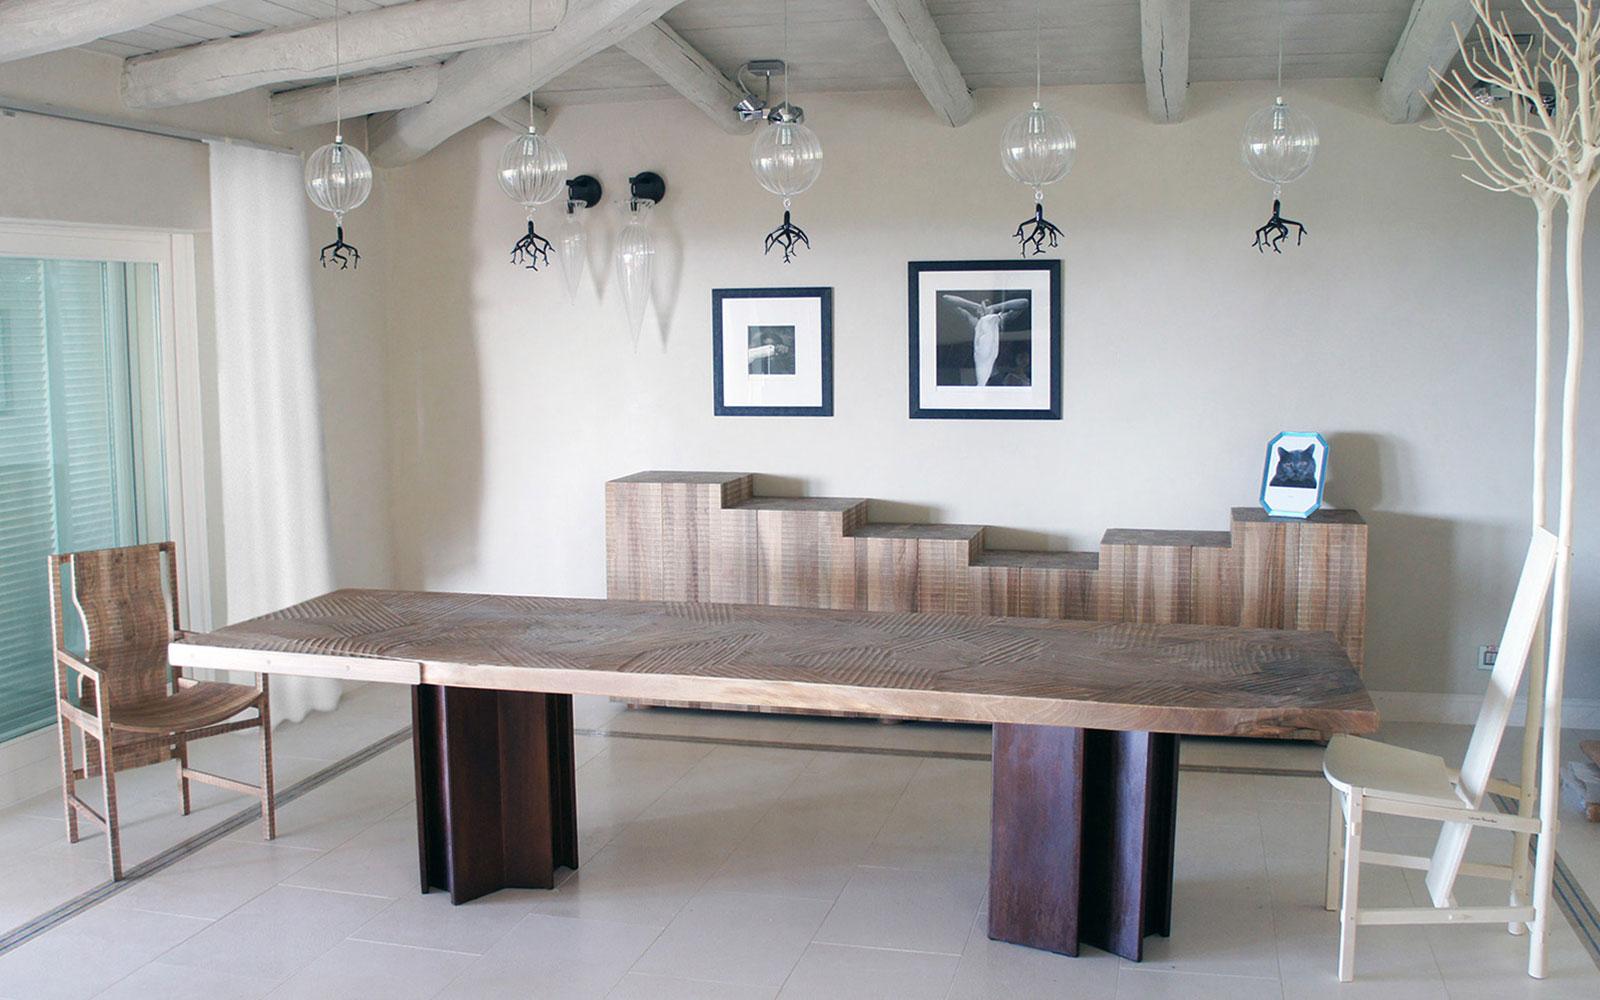 Tavolo Villa Privata Cucine Habito